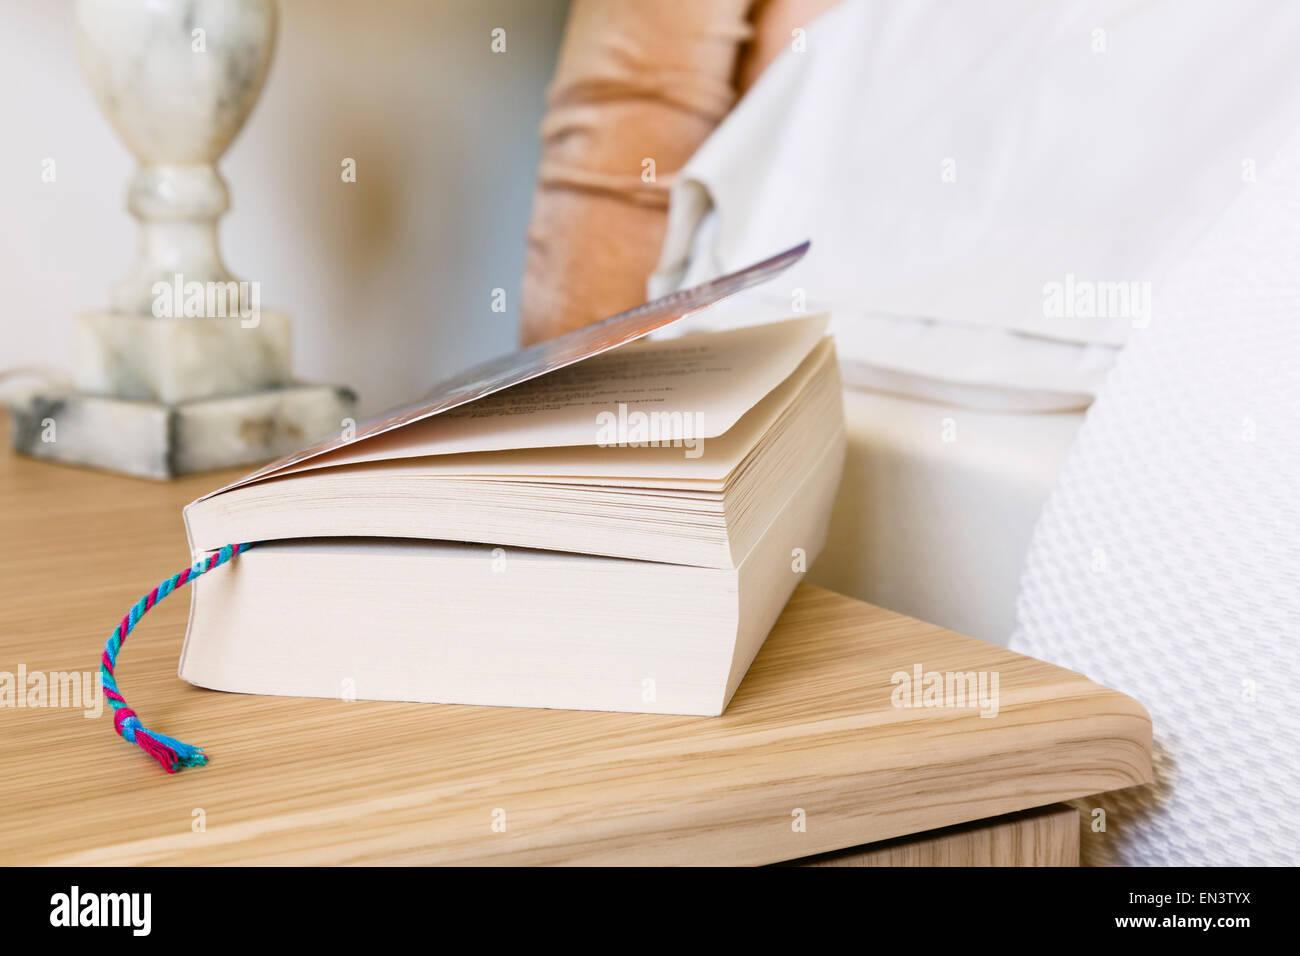 Scena quotidiana della chiusura di un libro tascabile la lettura con segnalibro contrassegno di una pagina su un Immagini Stock